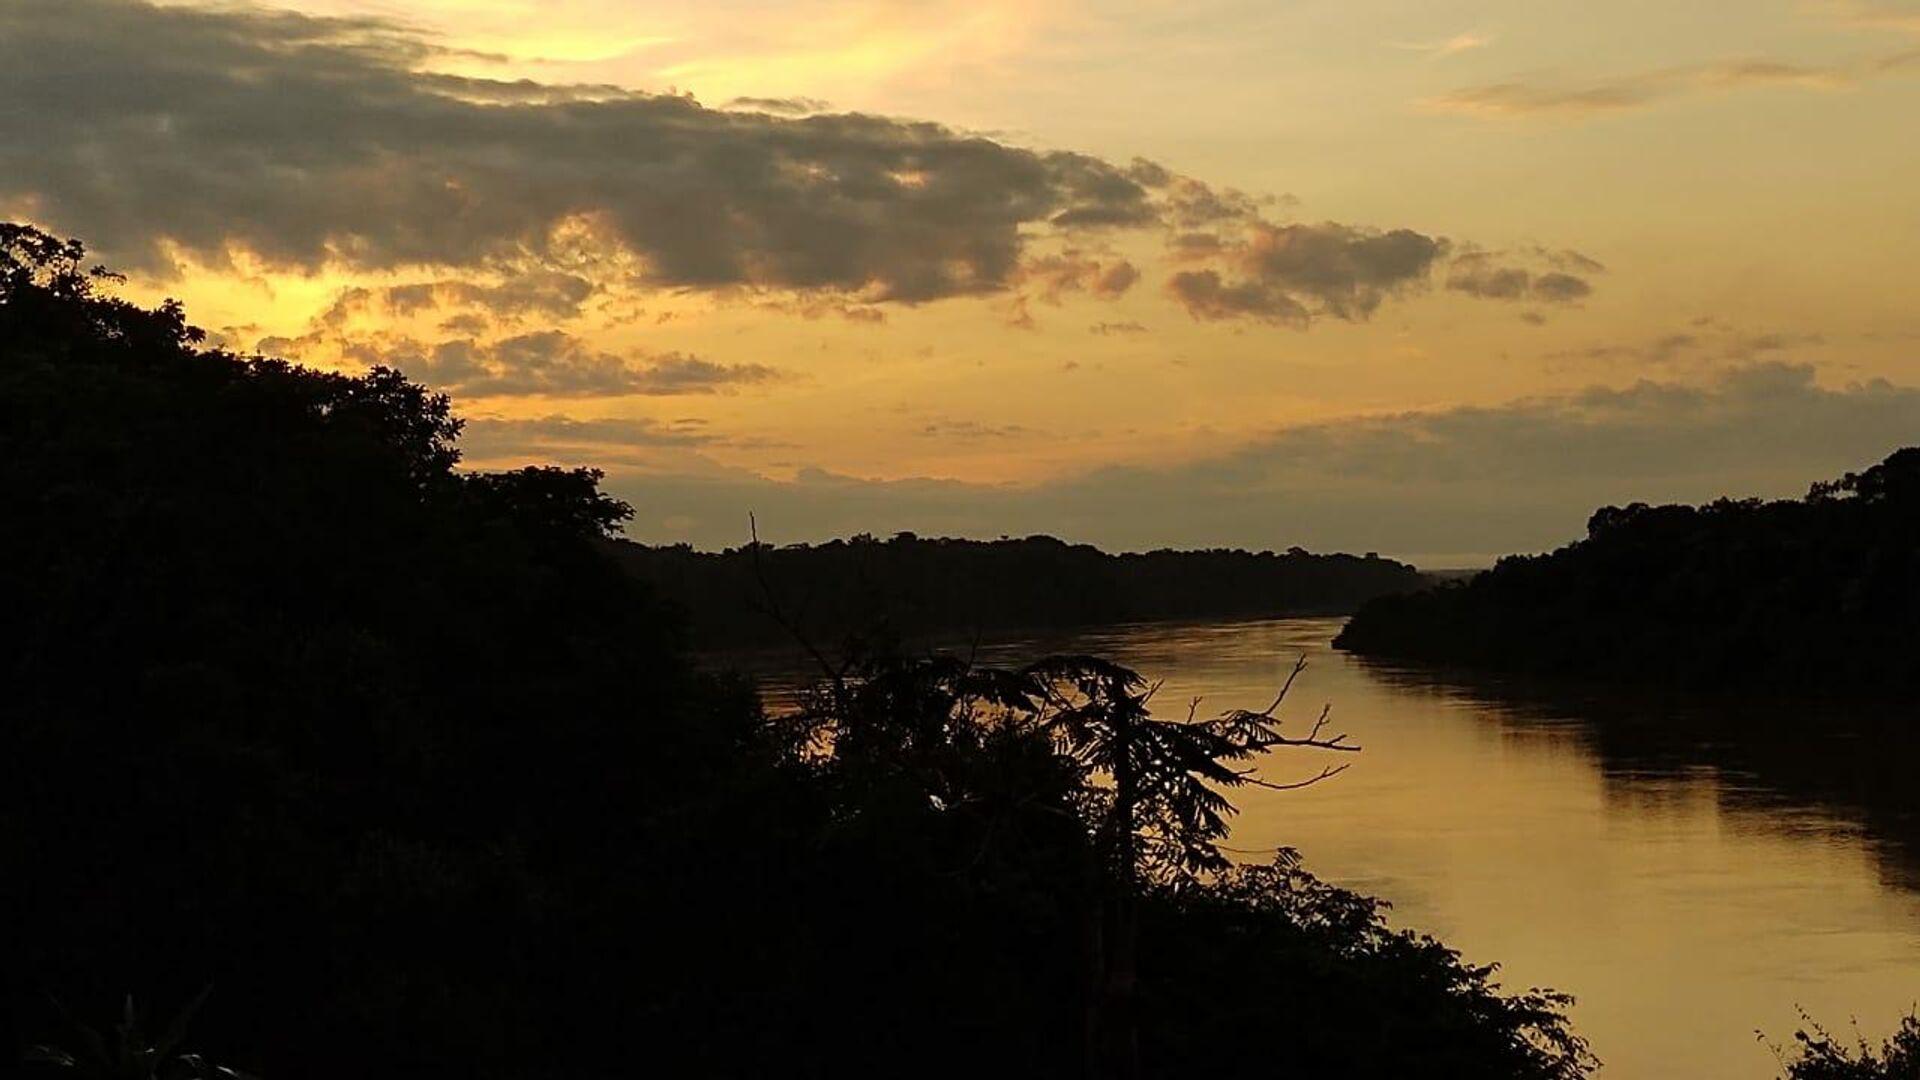 El río Orinoco atraviesa el Vichada - Sputnik Mundo, 1920, 21.04.2021